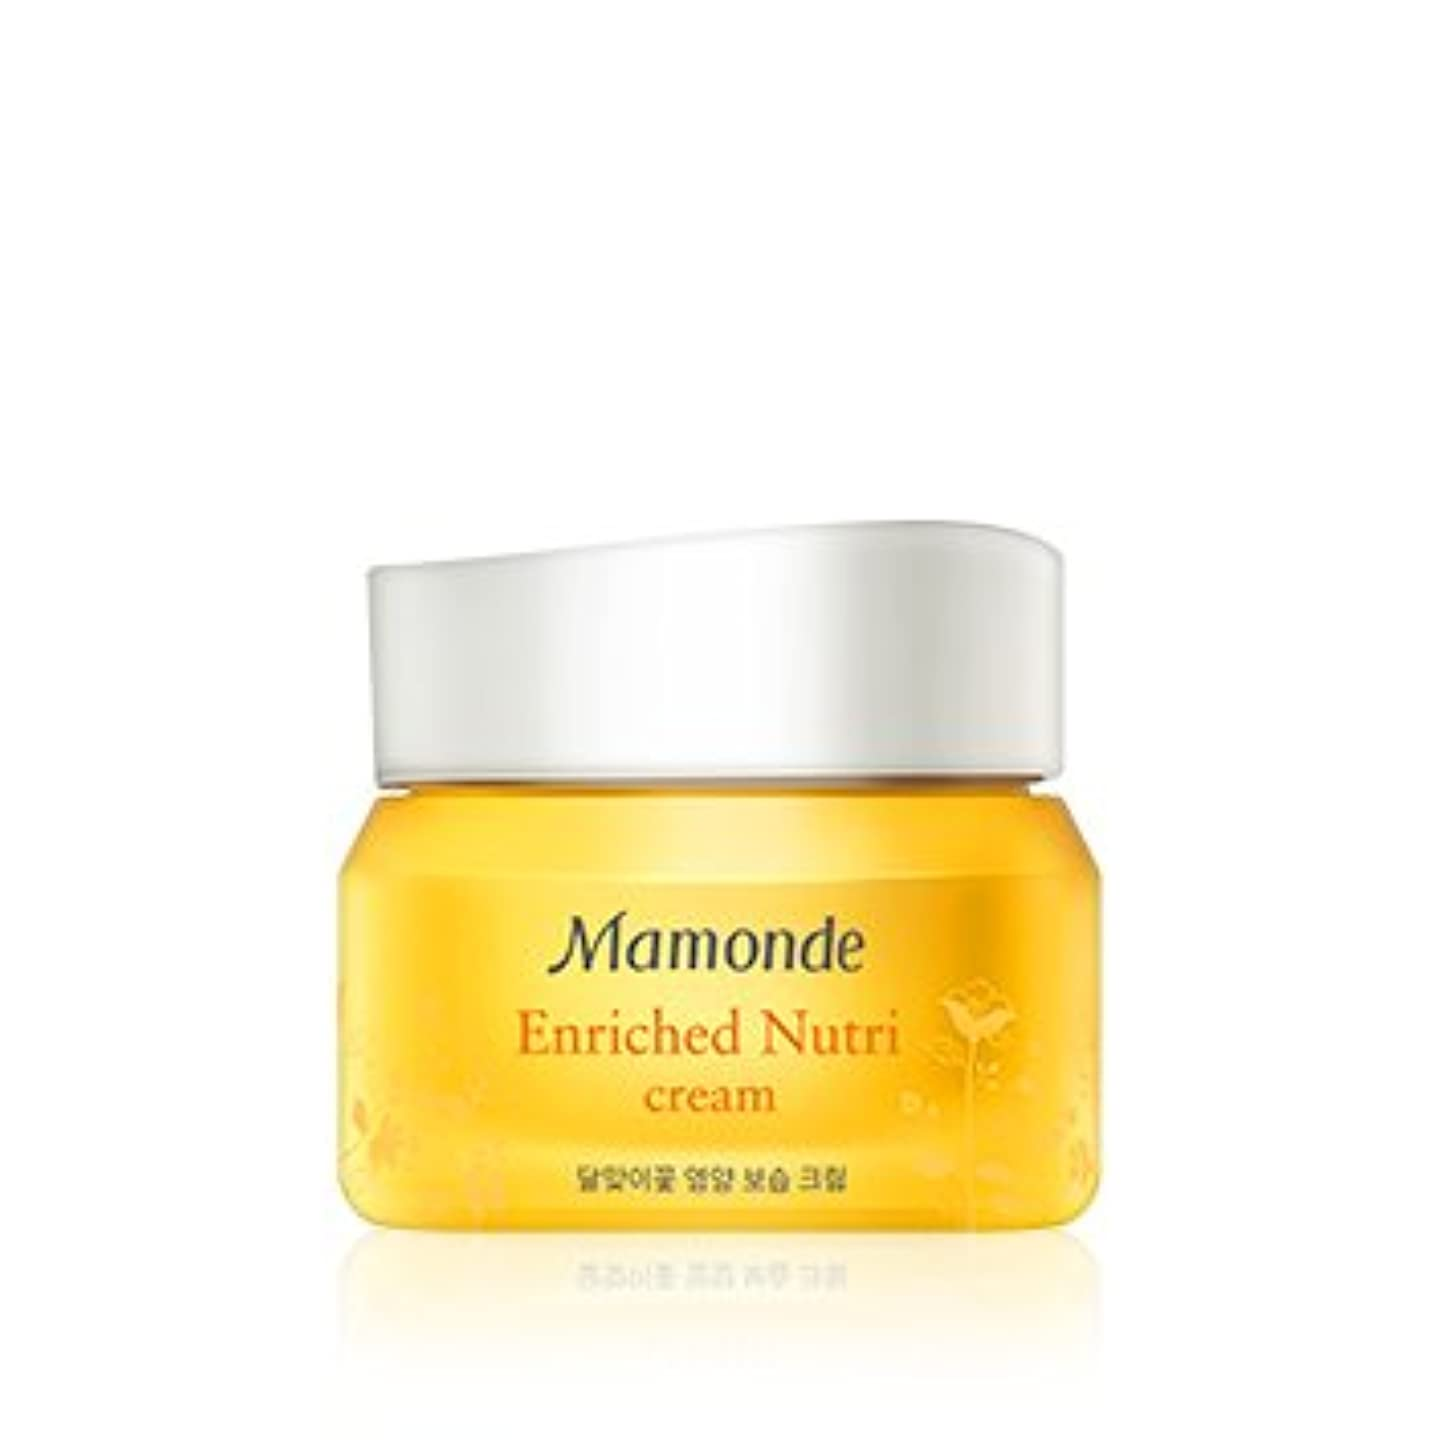 人種公爵夫人おんどり[New] Mamonde Enriched Nutri Cream 50ml/マモンド エンリッチド ニュートリ クリーム 50ml [並行輸入品]